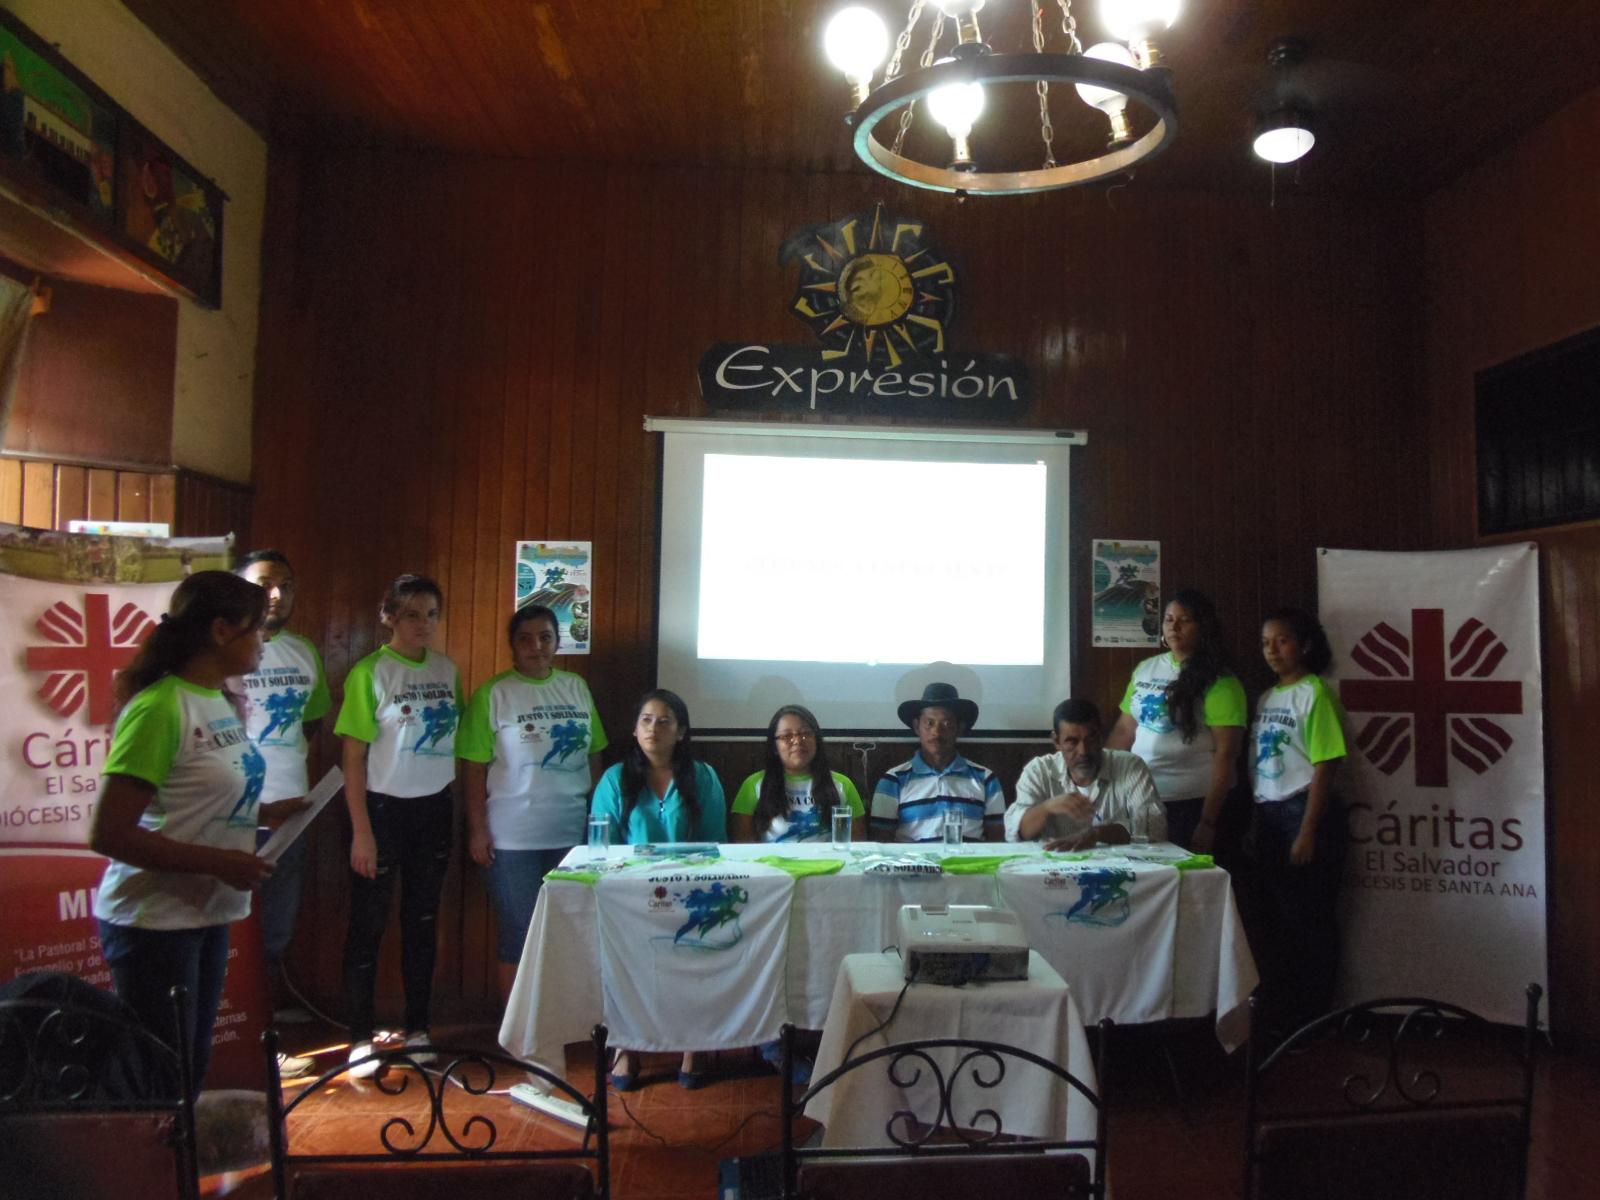 Fundación Cáritas organiza su primera carrera en Santa Ana